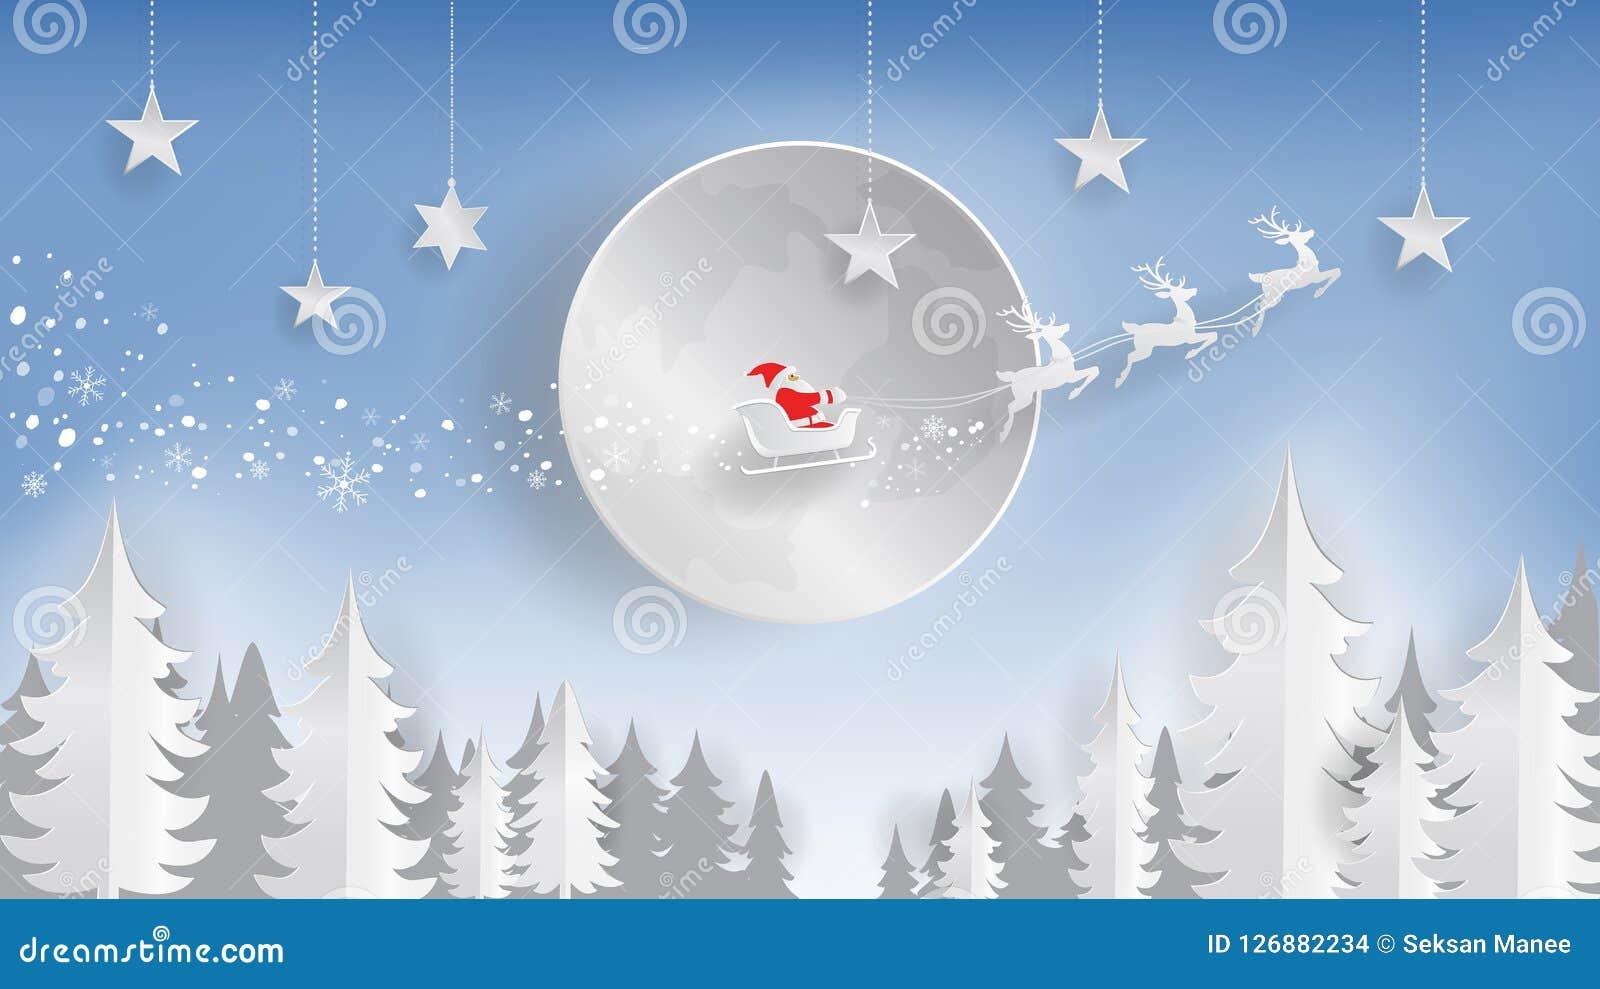 Papperssnitt, glad jul och lyckligt nytt år, Santa Claus och ren som flyger över månen